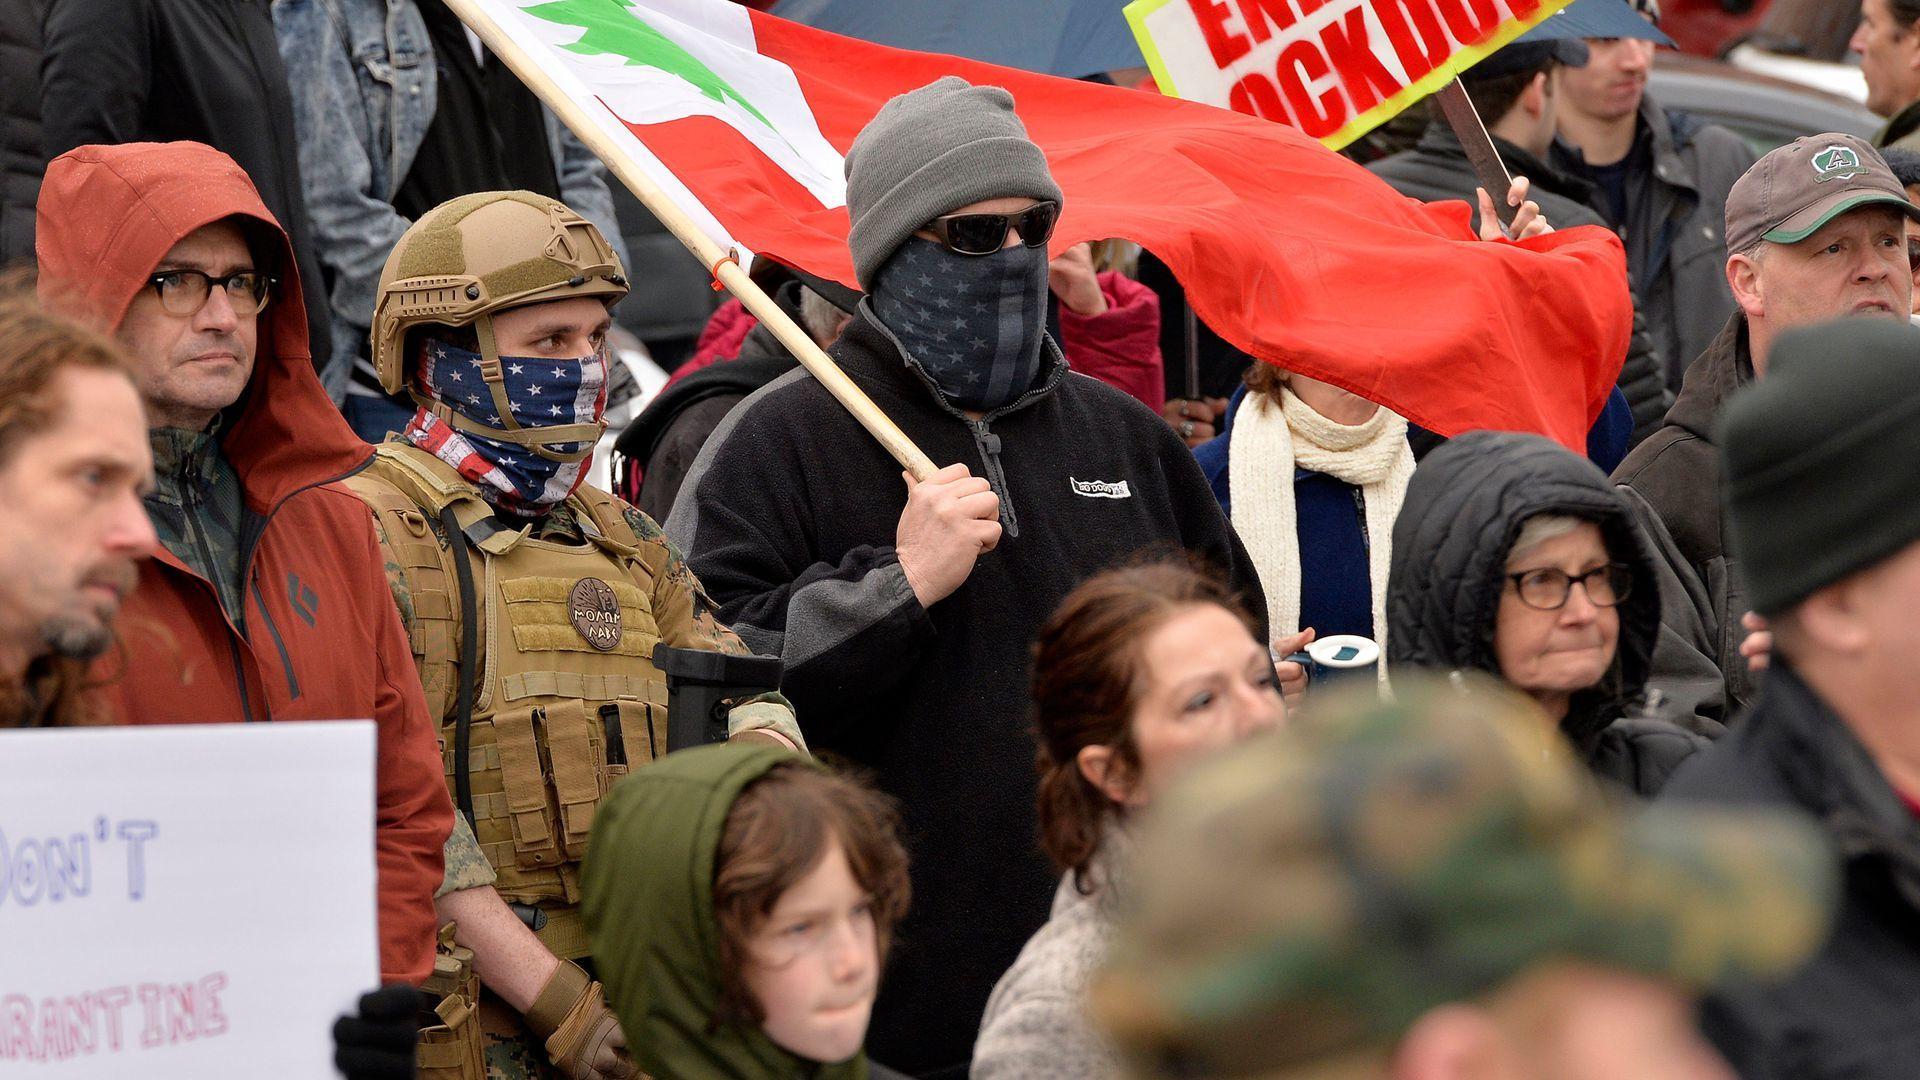 Hình ảnh hàng nghìn người Mỹ tụ tập biểu tình chống giãn cách xã hội